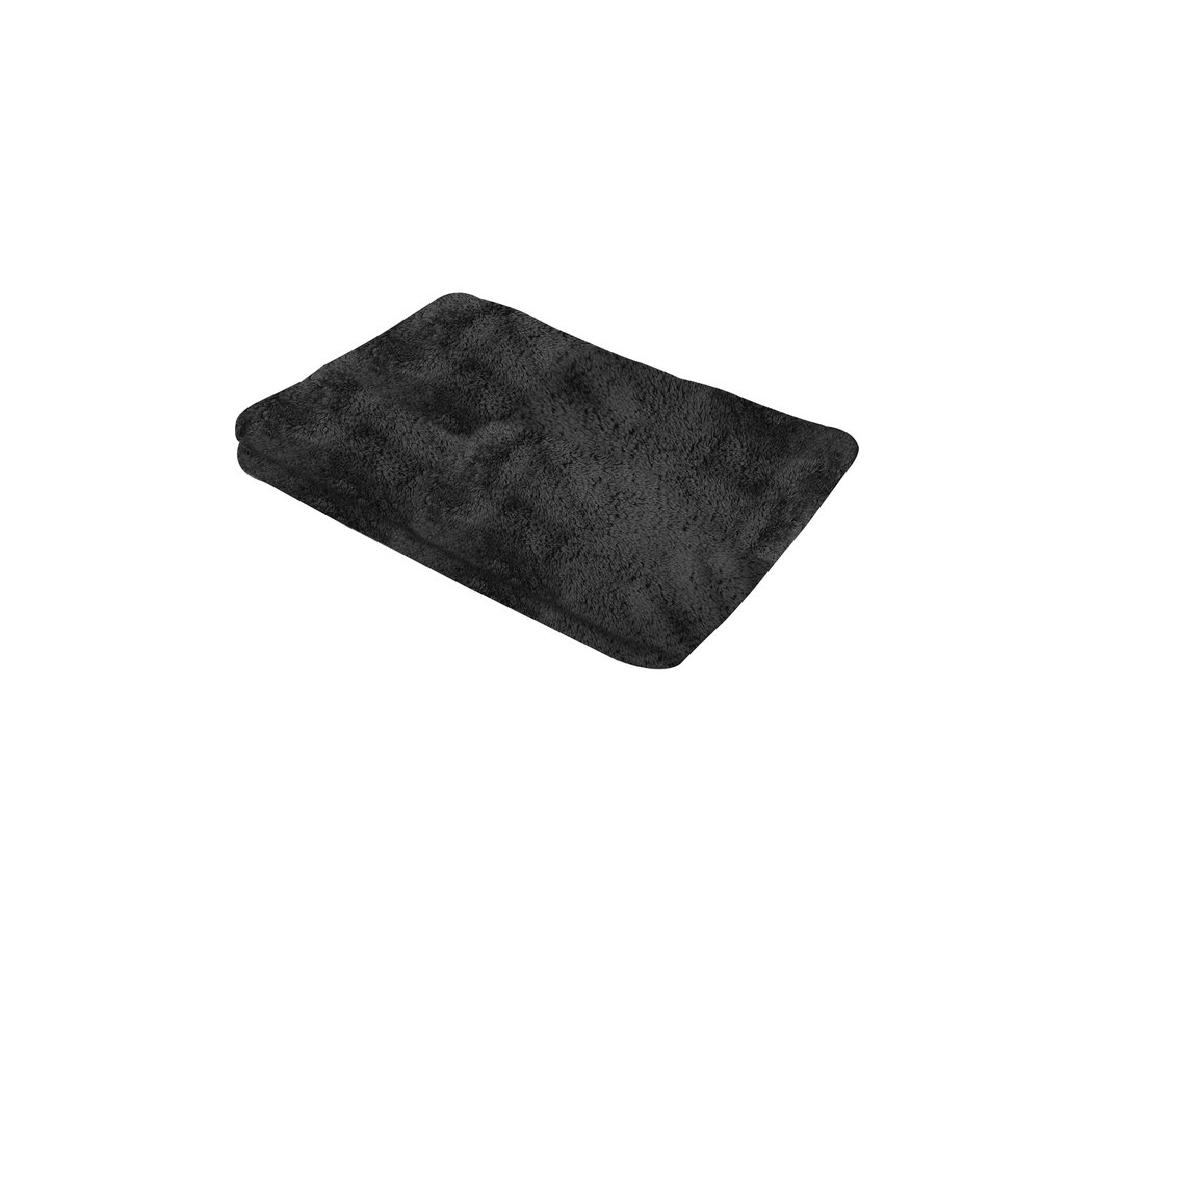 Toalha Microfibra 60cmx40cm 500g/m² Extramacia JG 3pçs VONDER